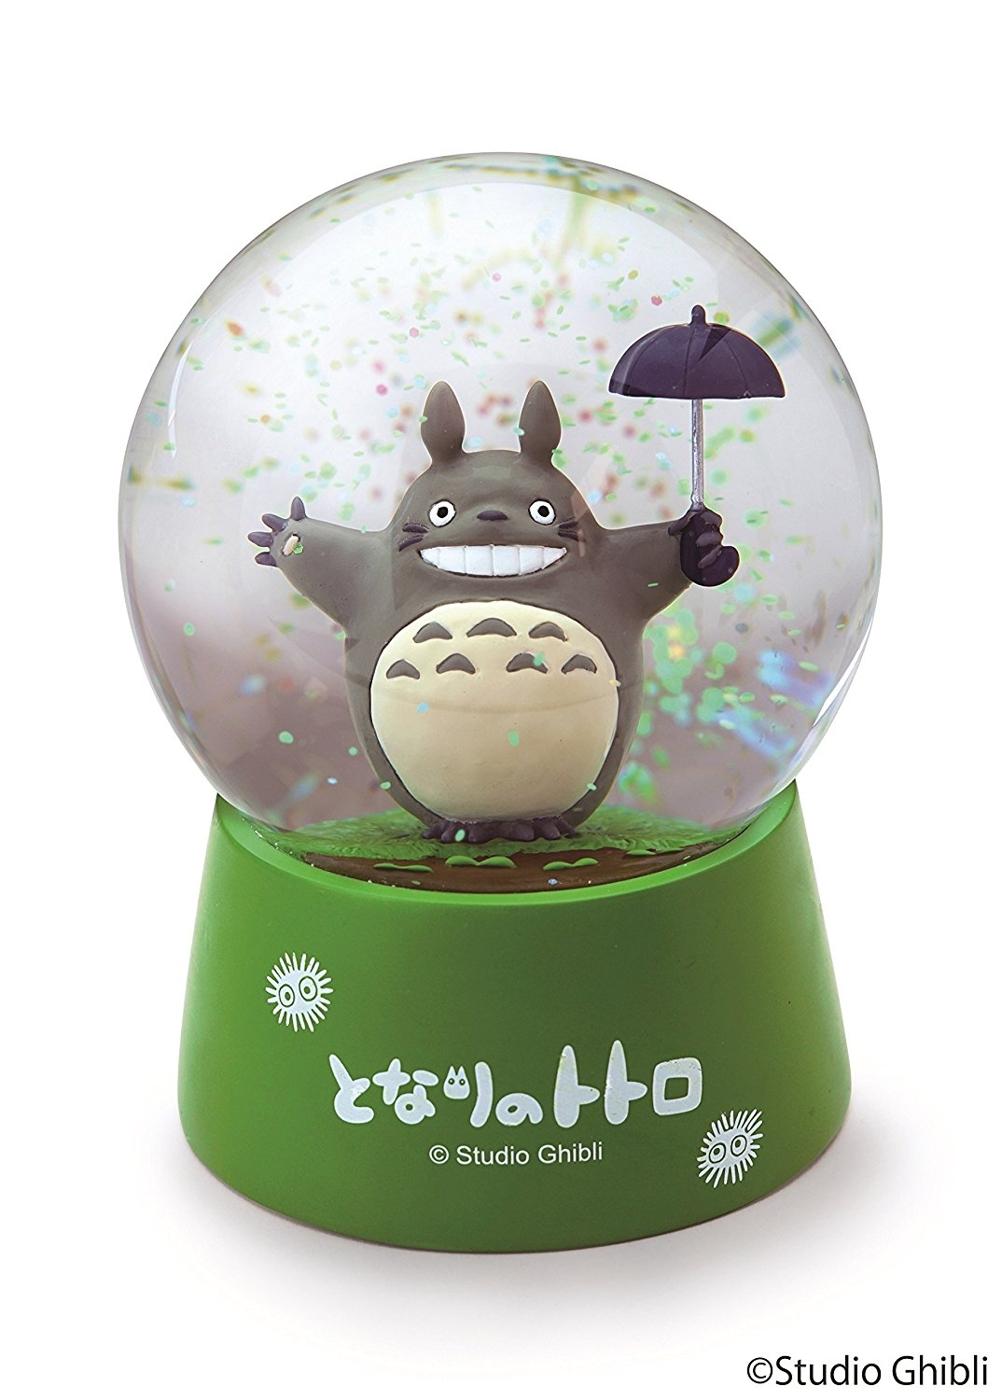 龍貓豆豆龍擺飾水晶球大龍貓拿雨傘863260代購通販屋